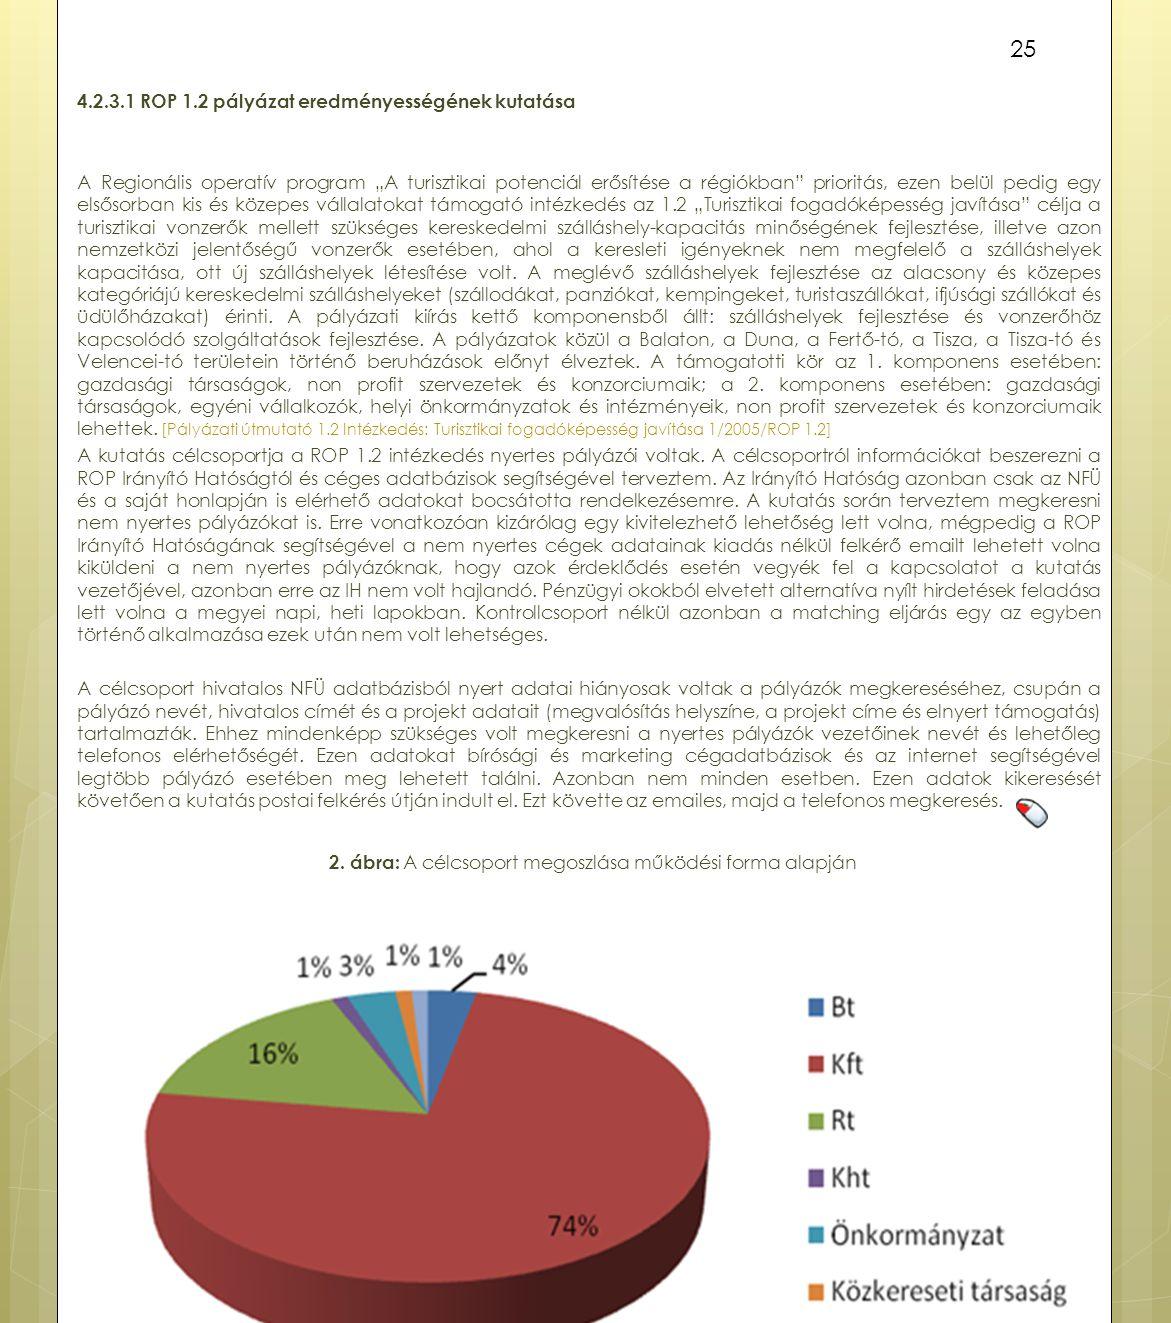 2. ábra: A célcsoport megoszlása működési forma alapján